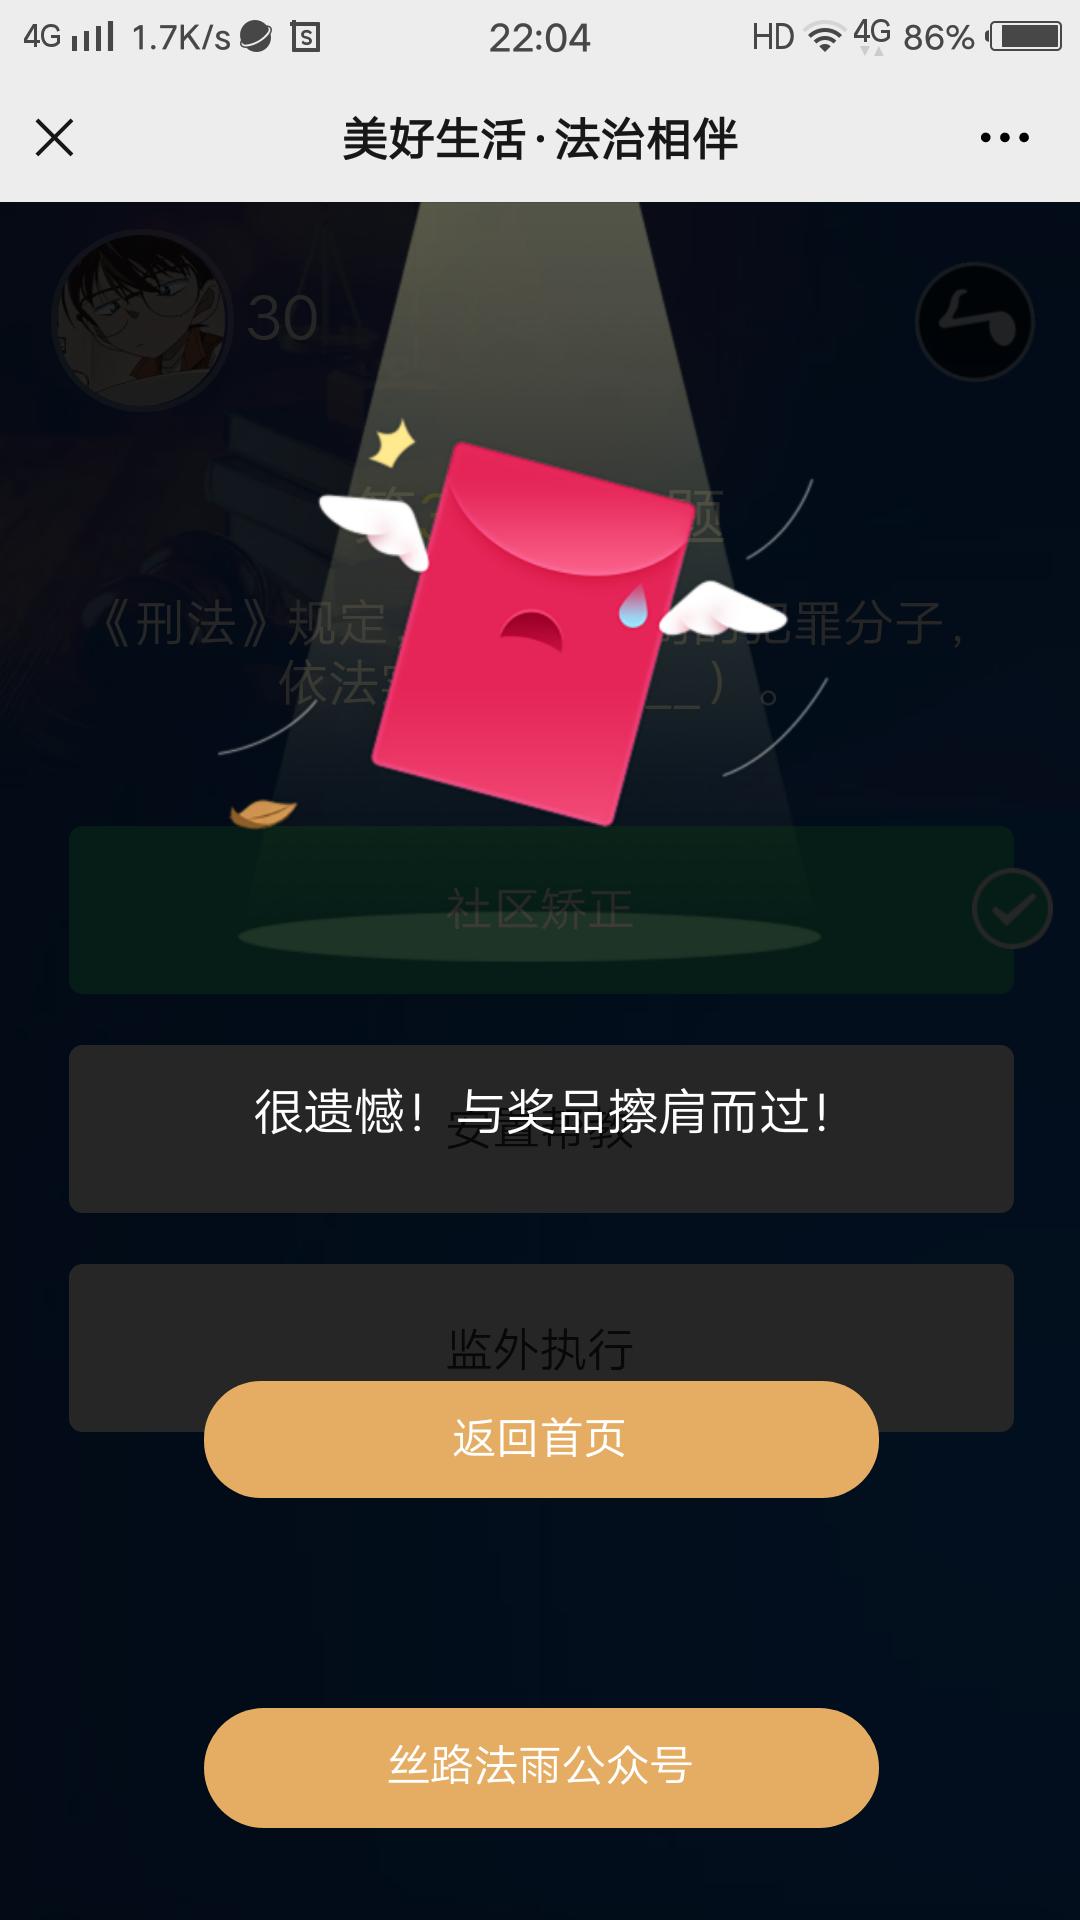 【现金红包】甘肃丝绸之路法雨答题抽红包插图2